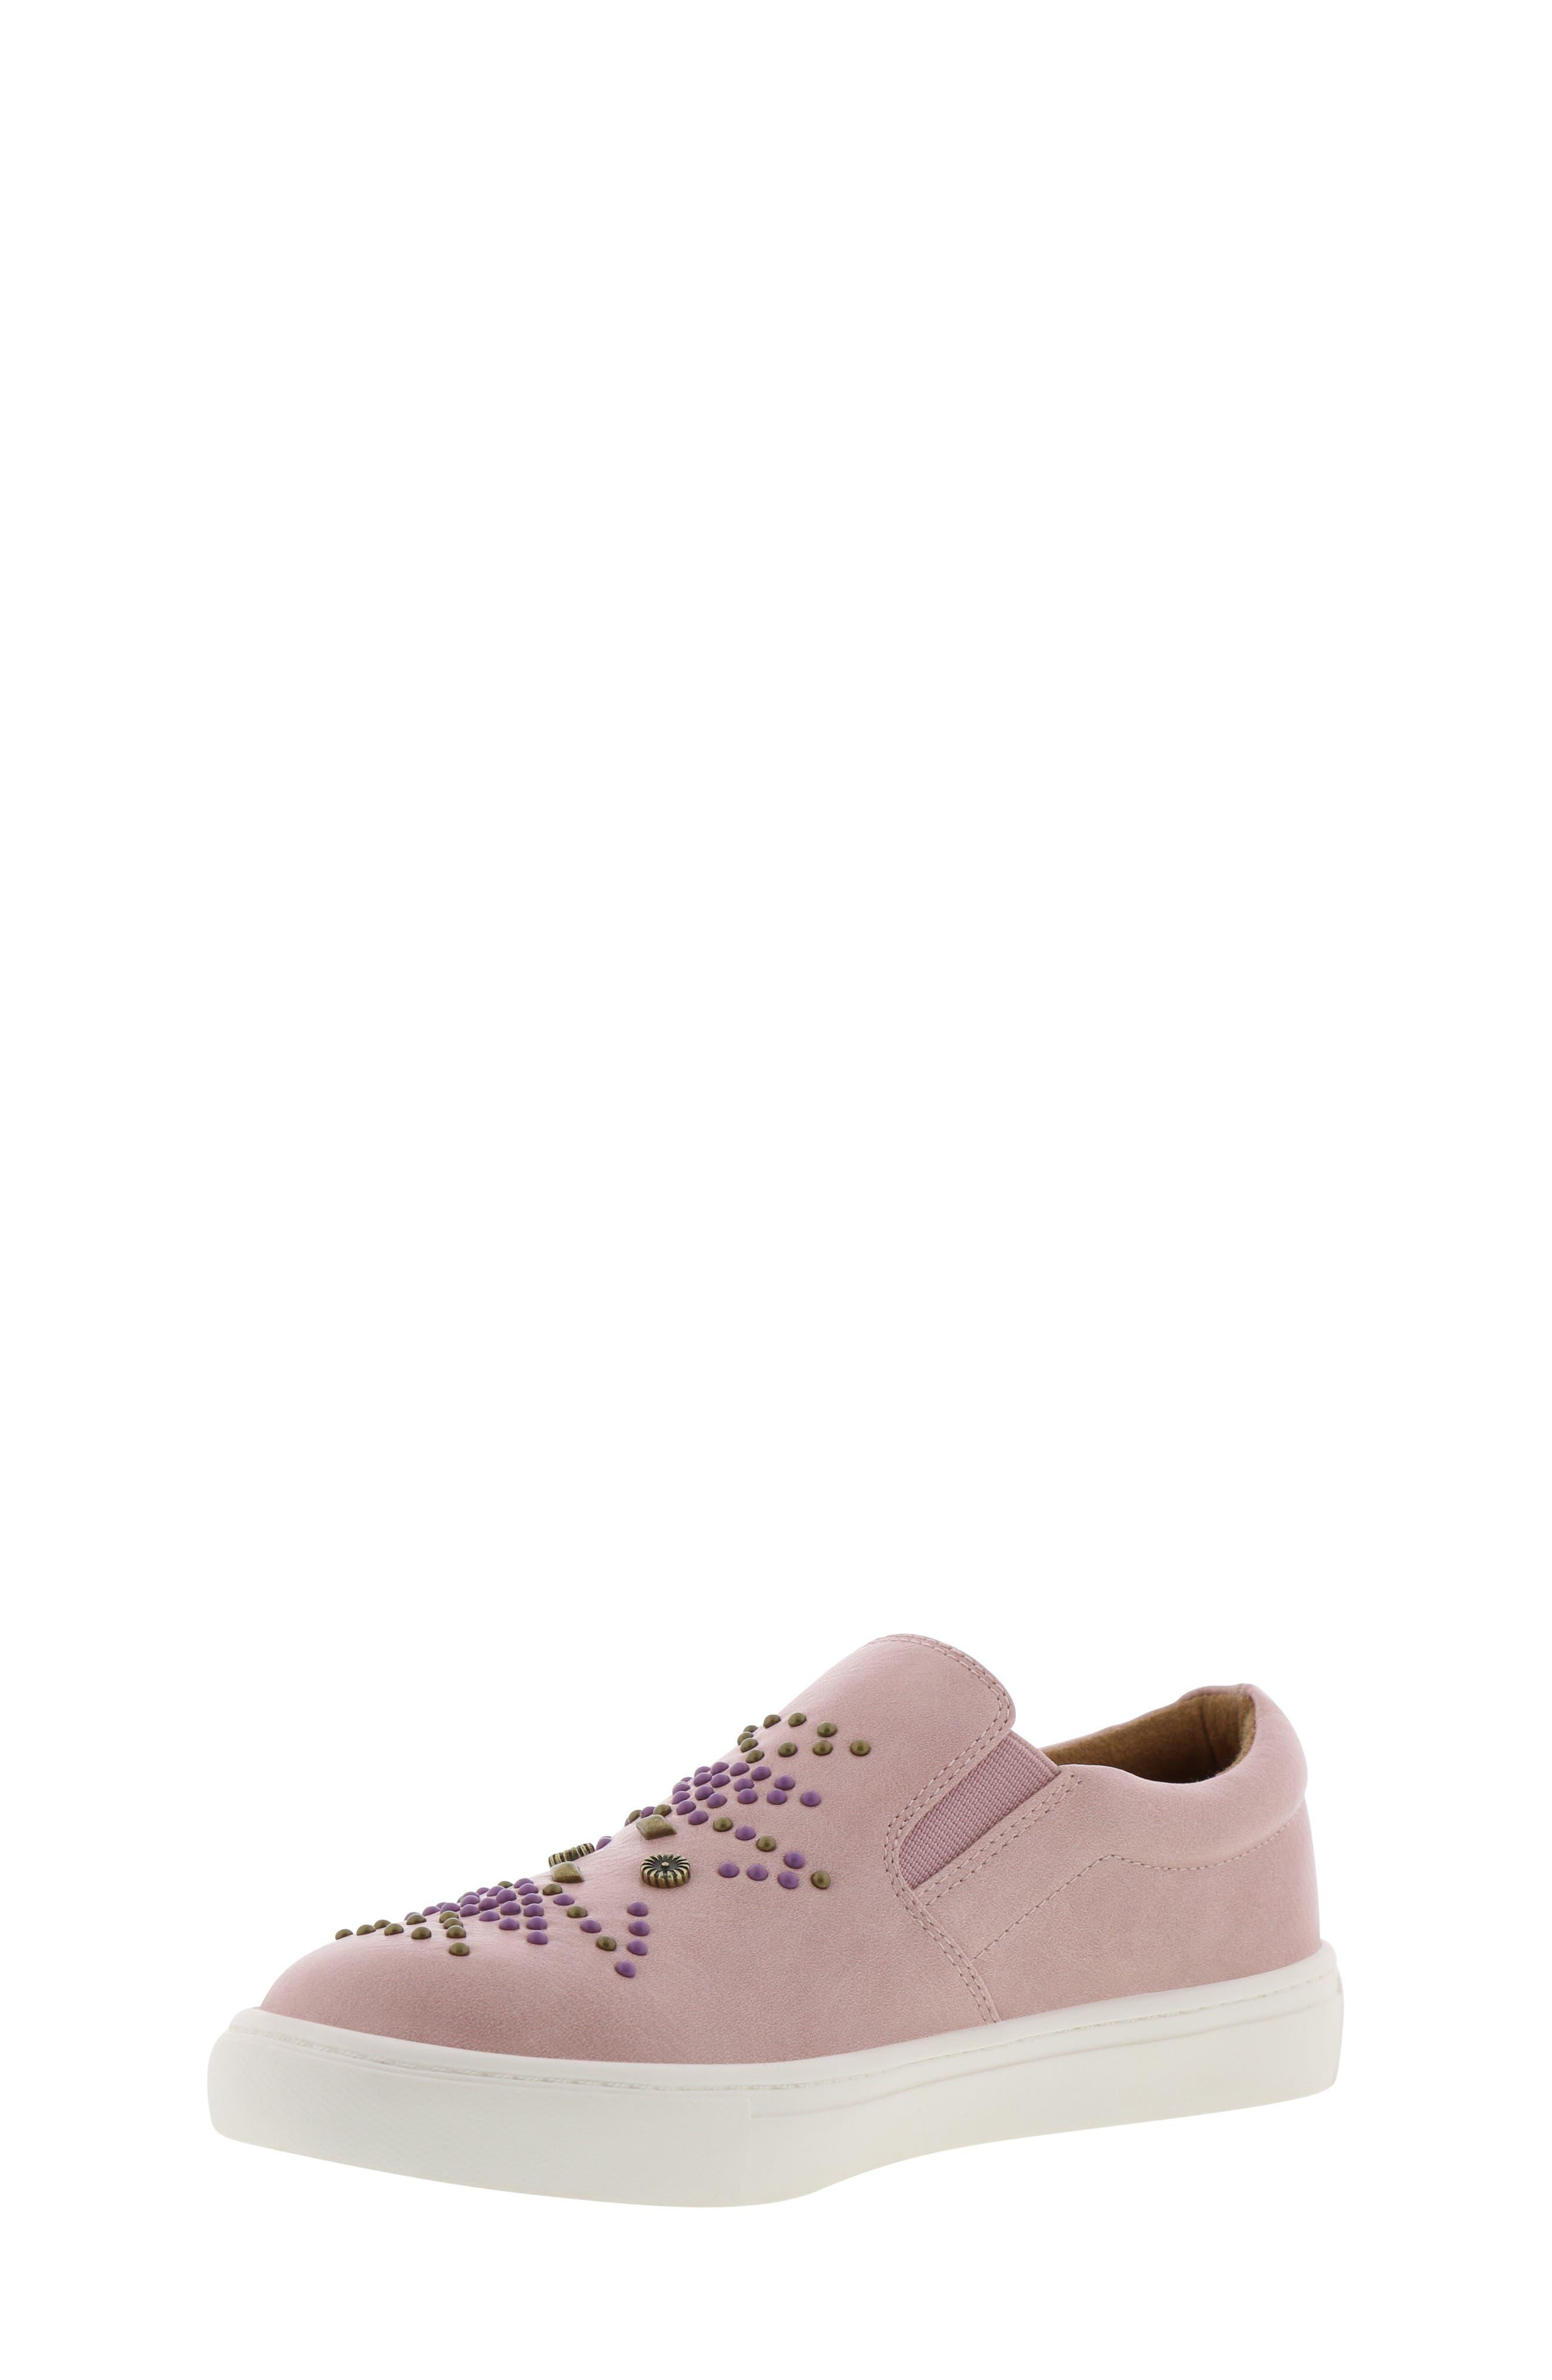 FRYE, Lena Studded Sneaker, Alternate thumbnail 9, color, 686